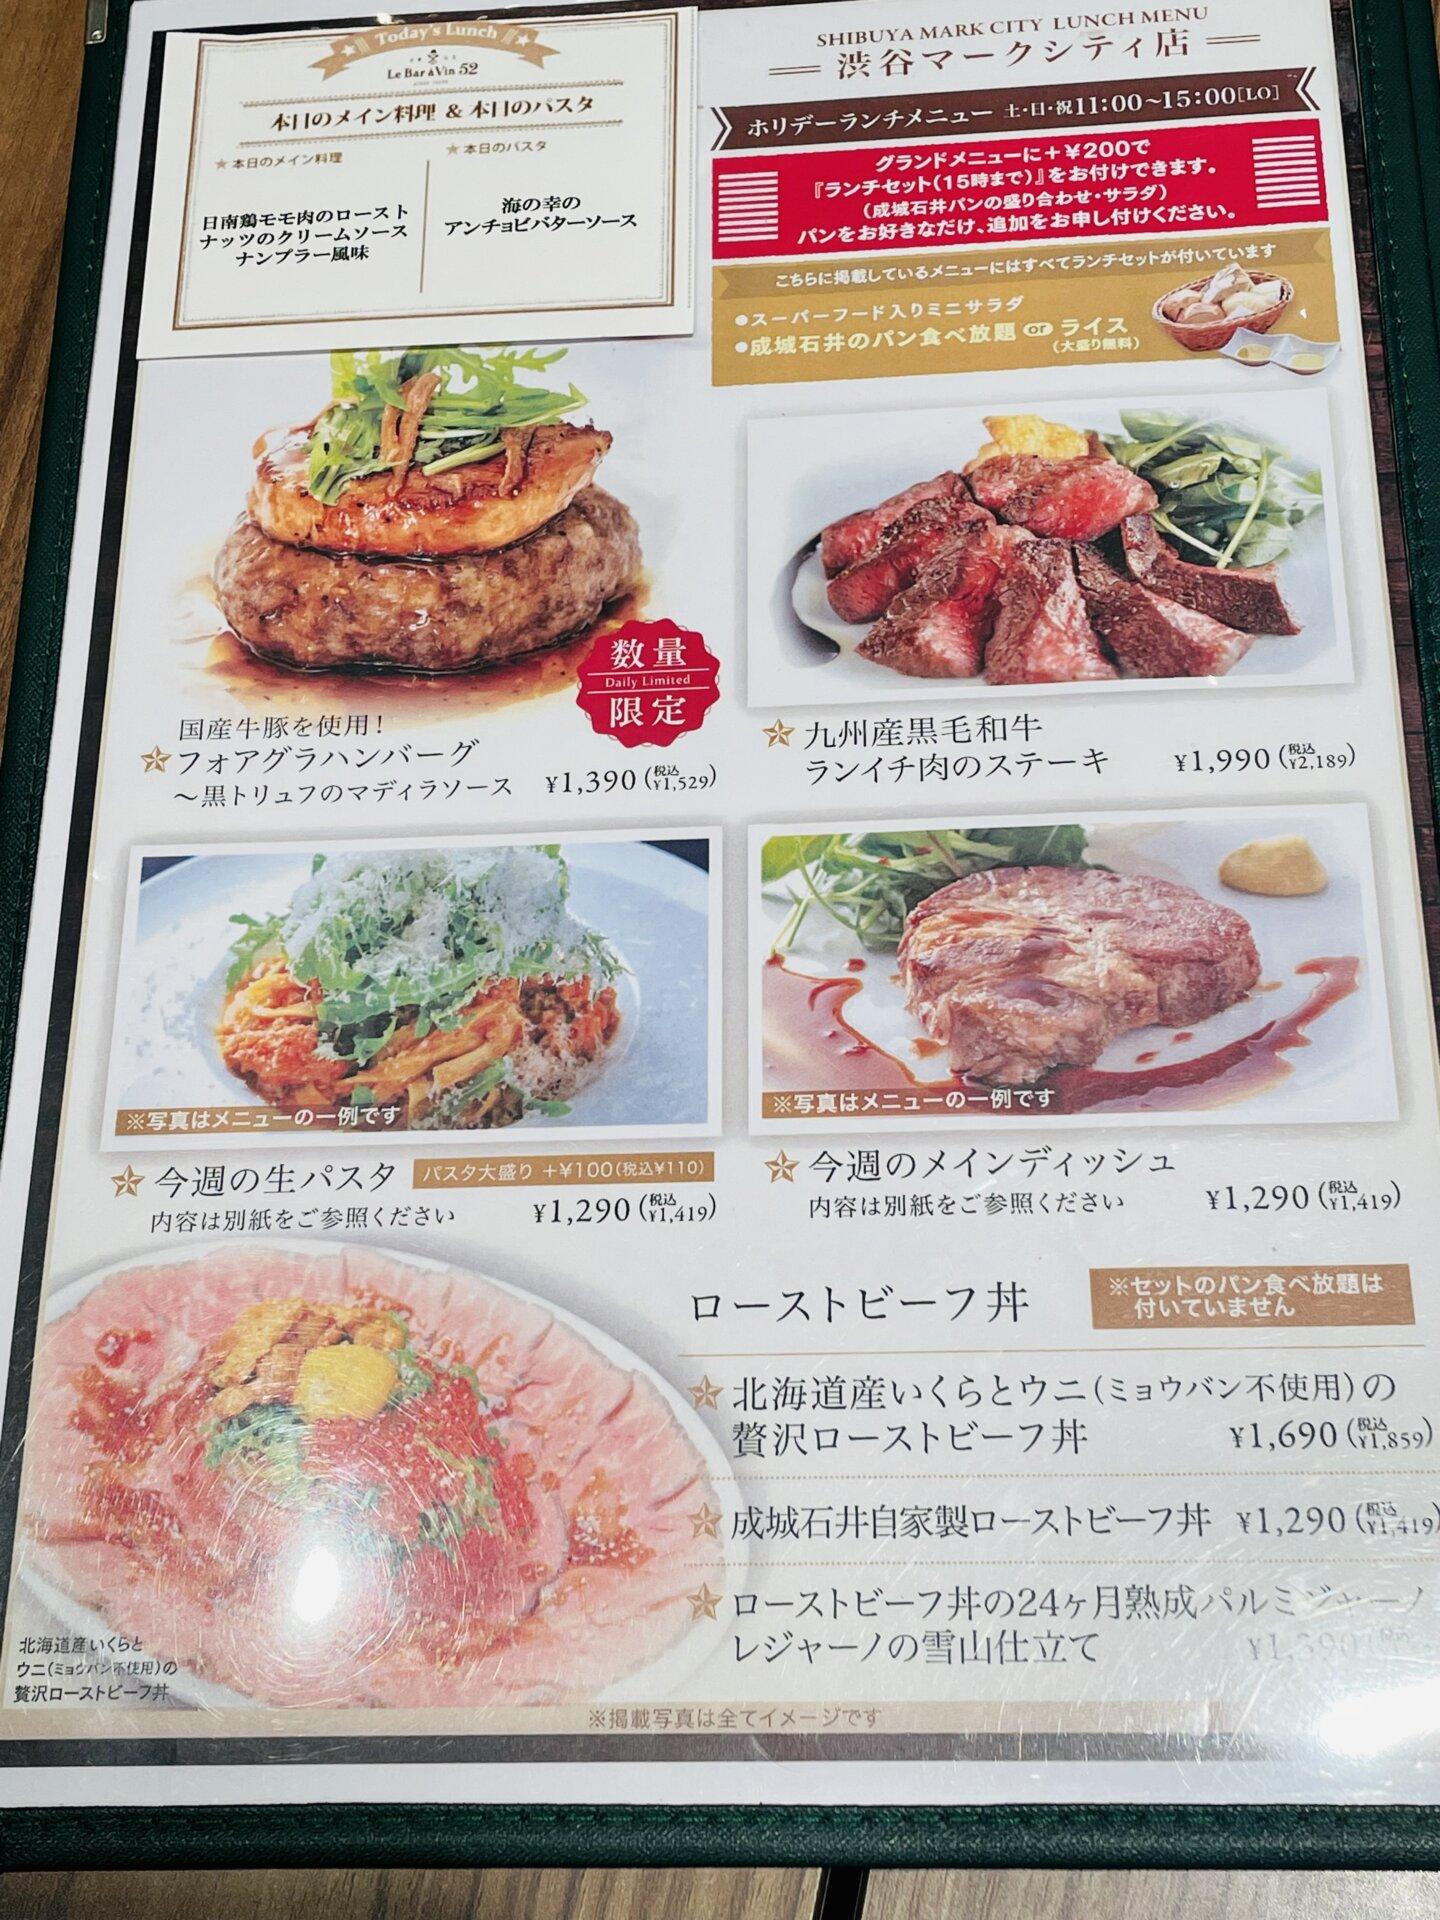 【渋谷マークシティ】成城石井のレストラン!!「Le Bar a Vin 52」ランチメニュー